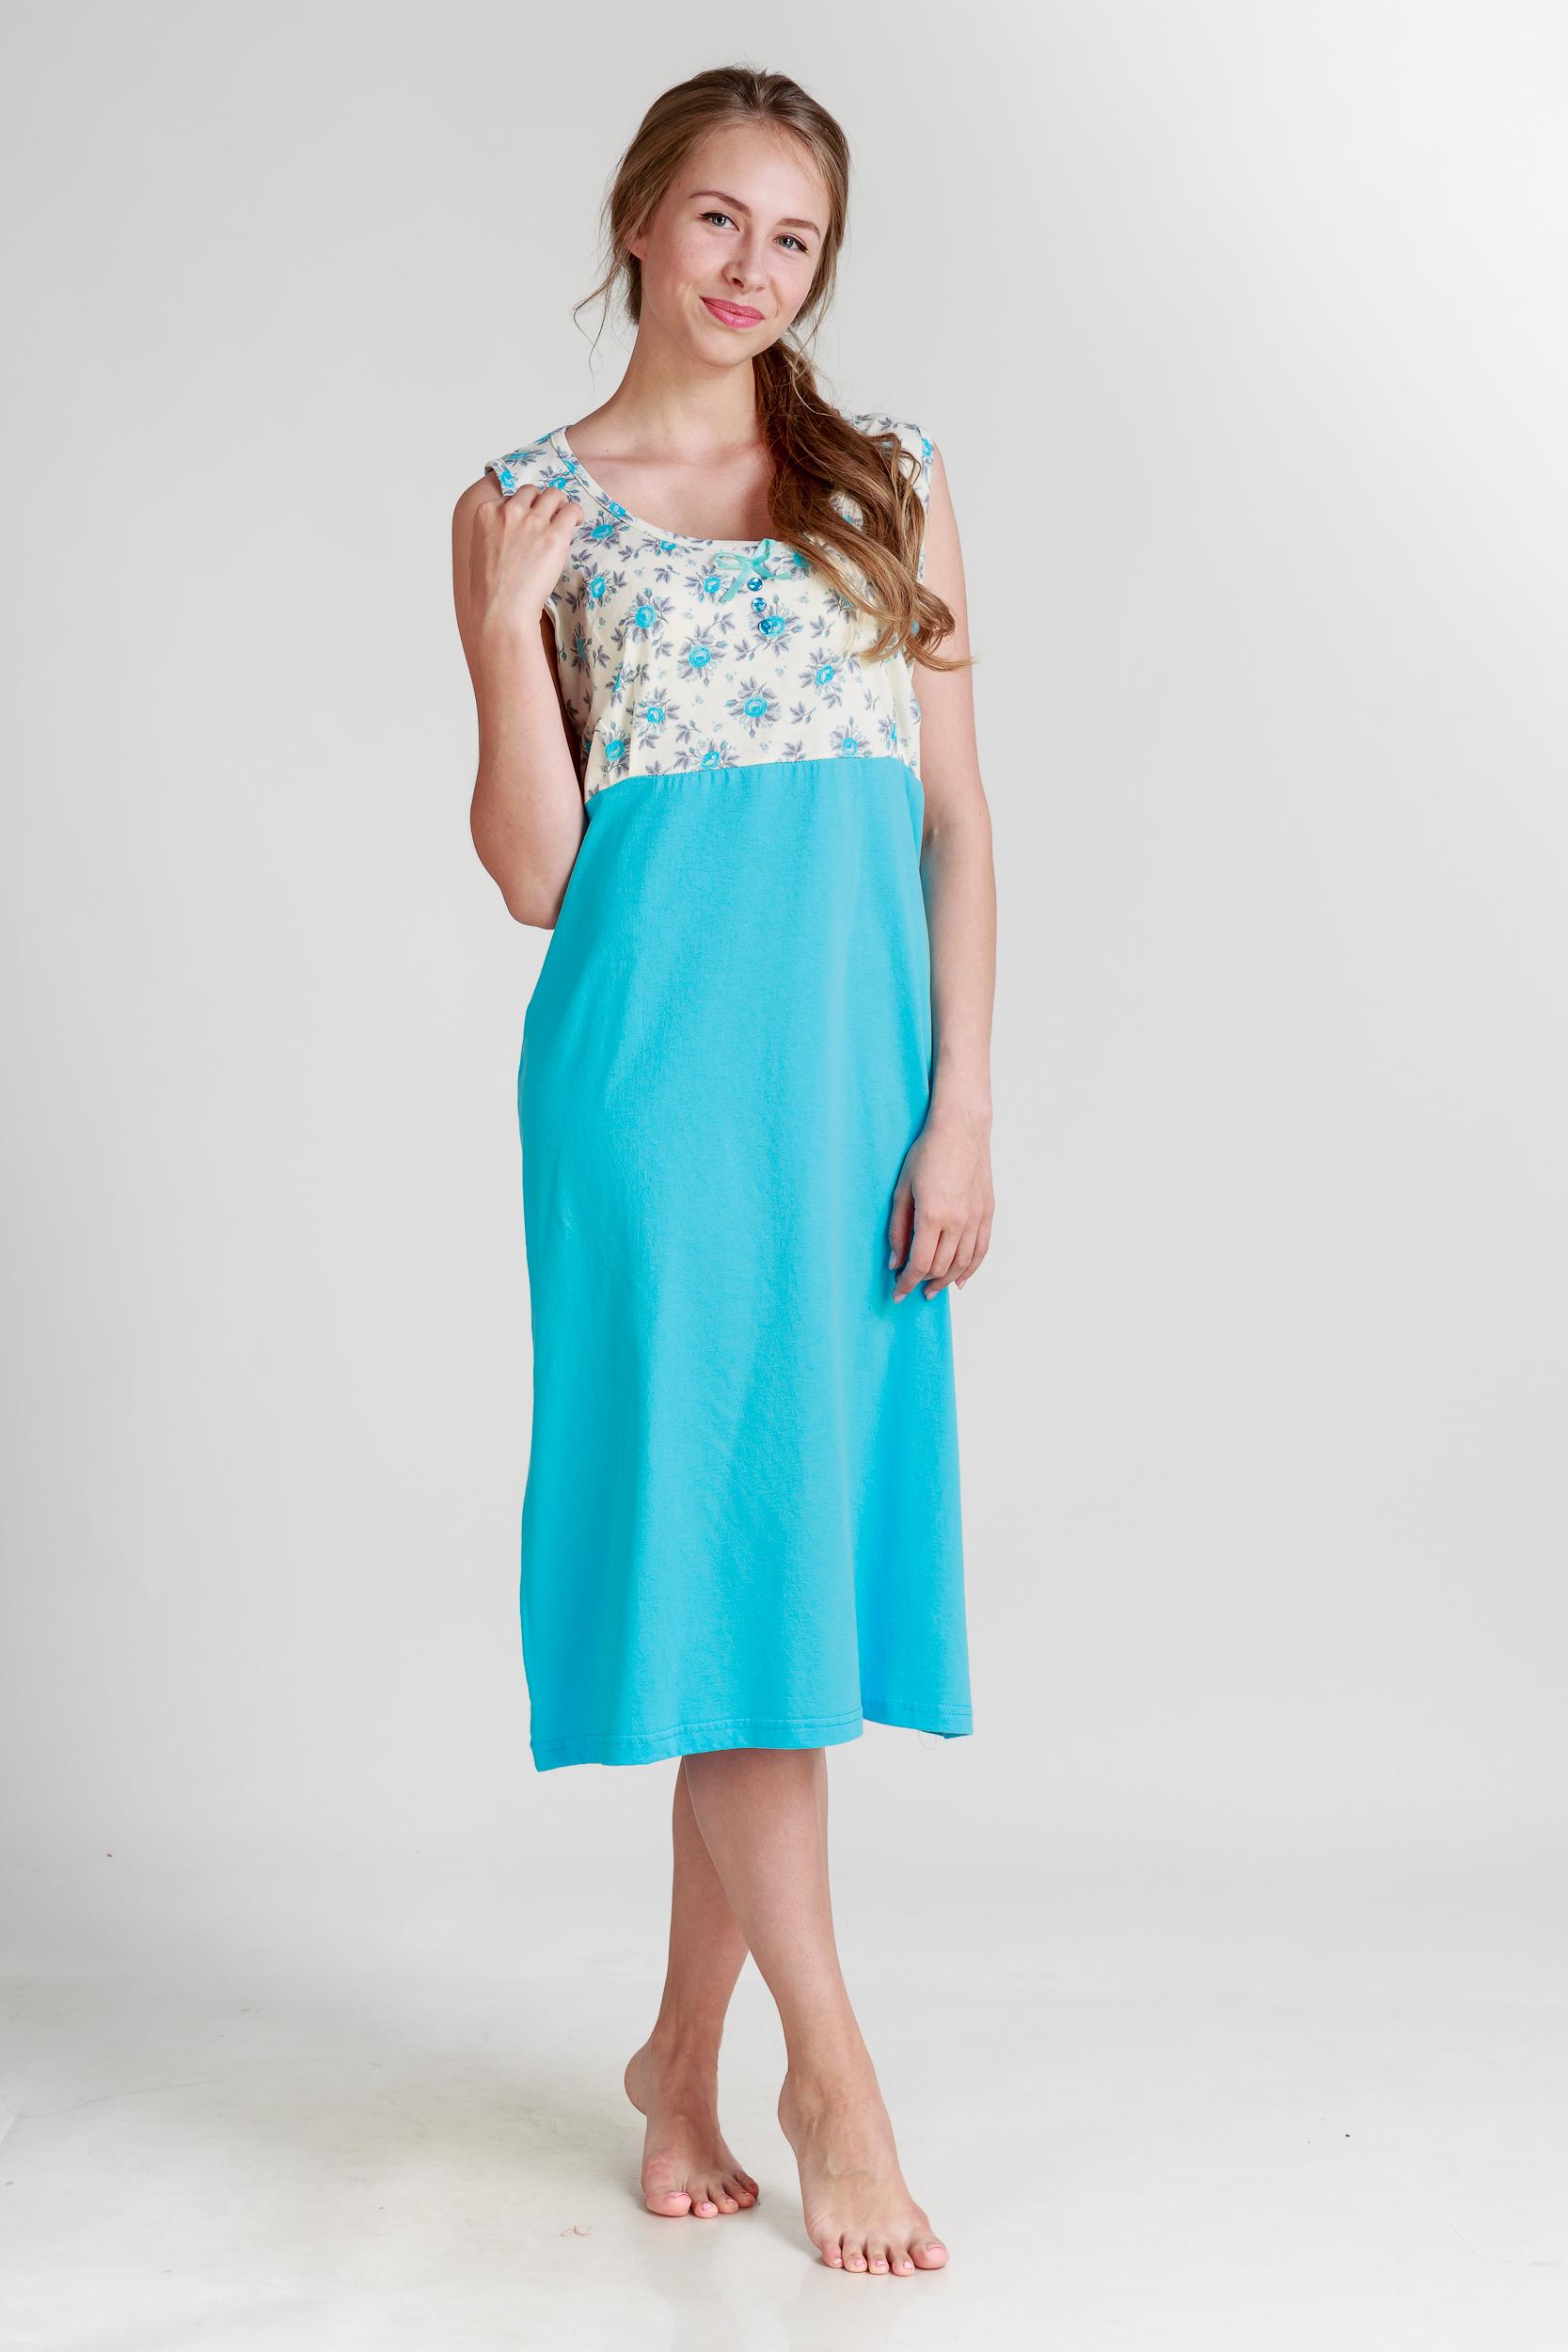 Ночные сорочки Pastilla Ночная сорочка Ваниль Цвет: Голубой (L-xL) сорочка ночная для беременных и кормящих мамин дом мамин дом цвет голубой 24130 размер 48